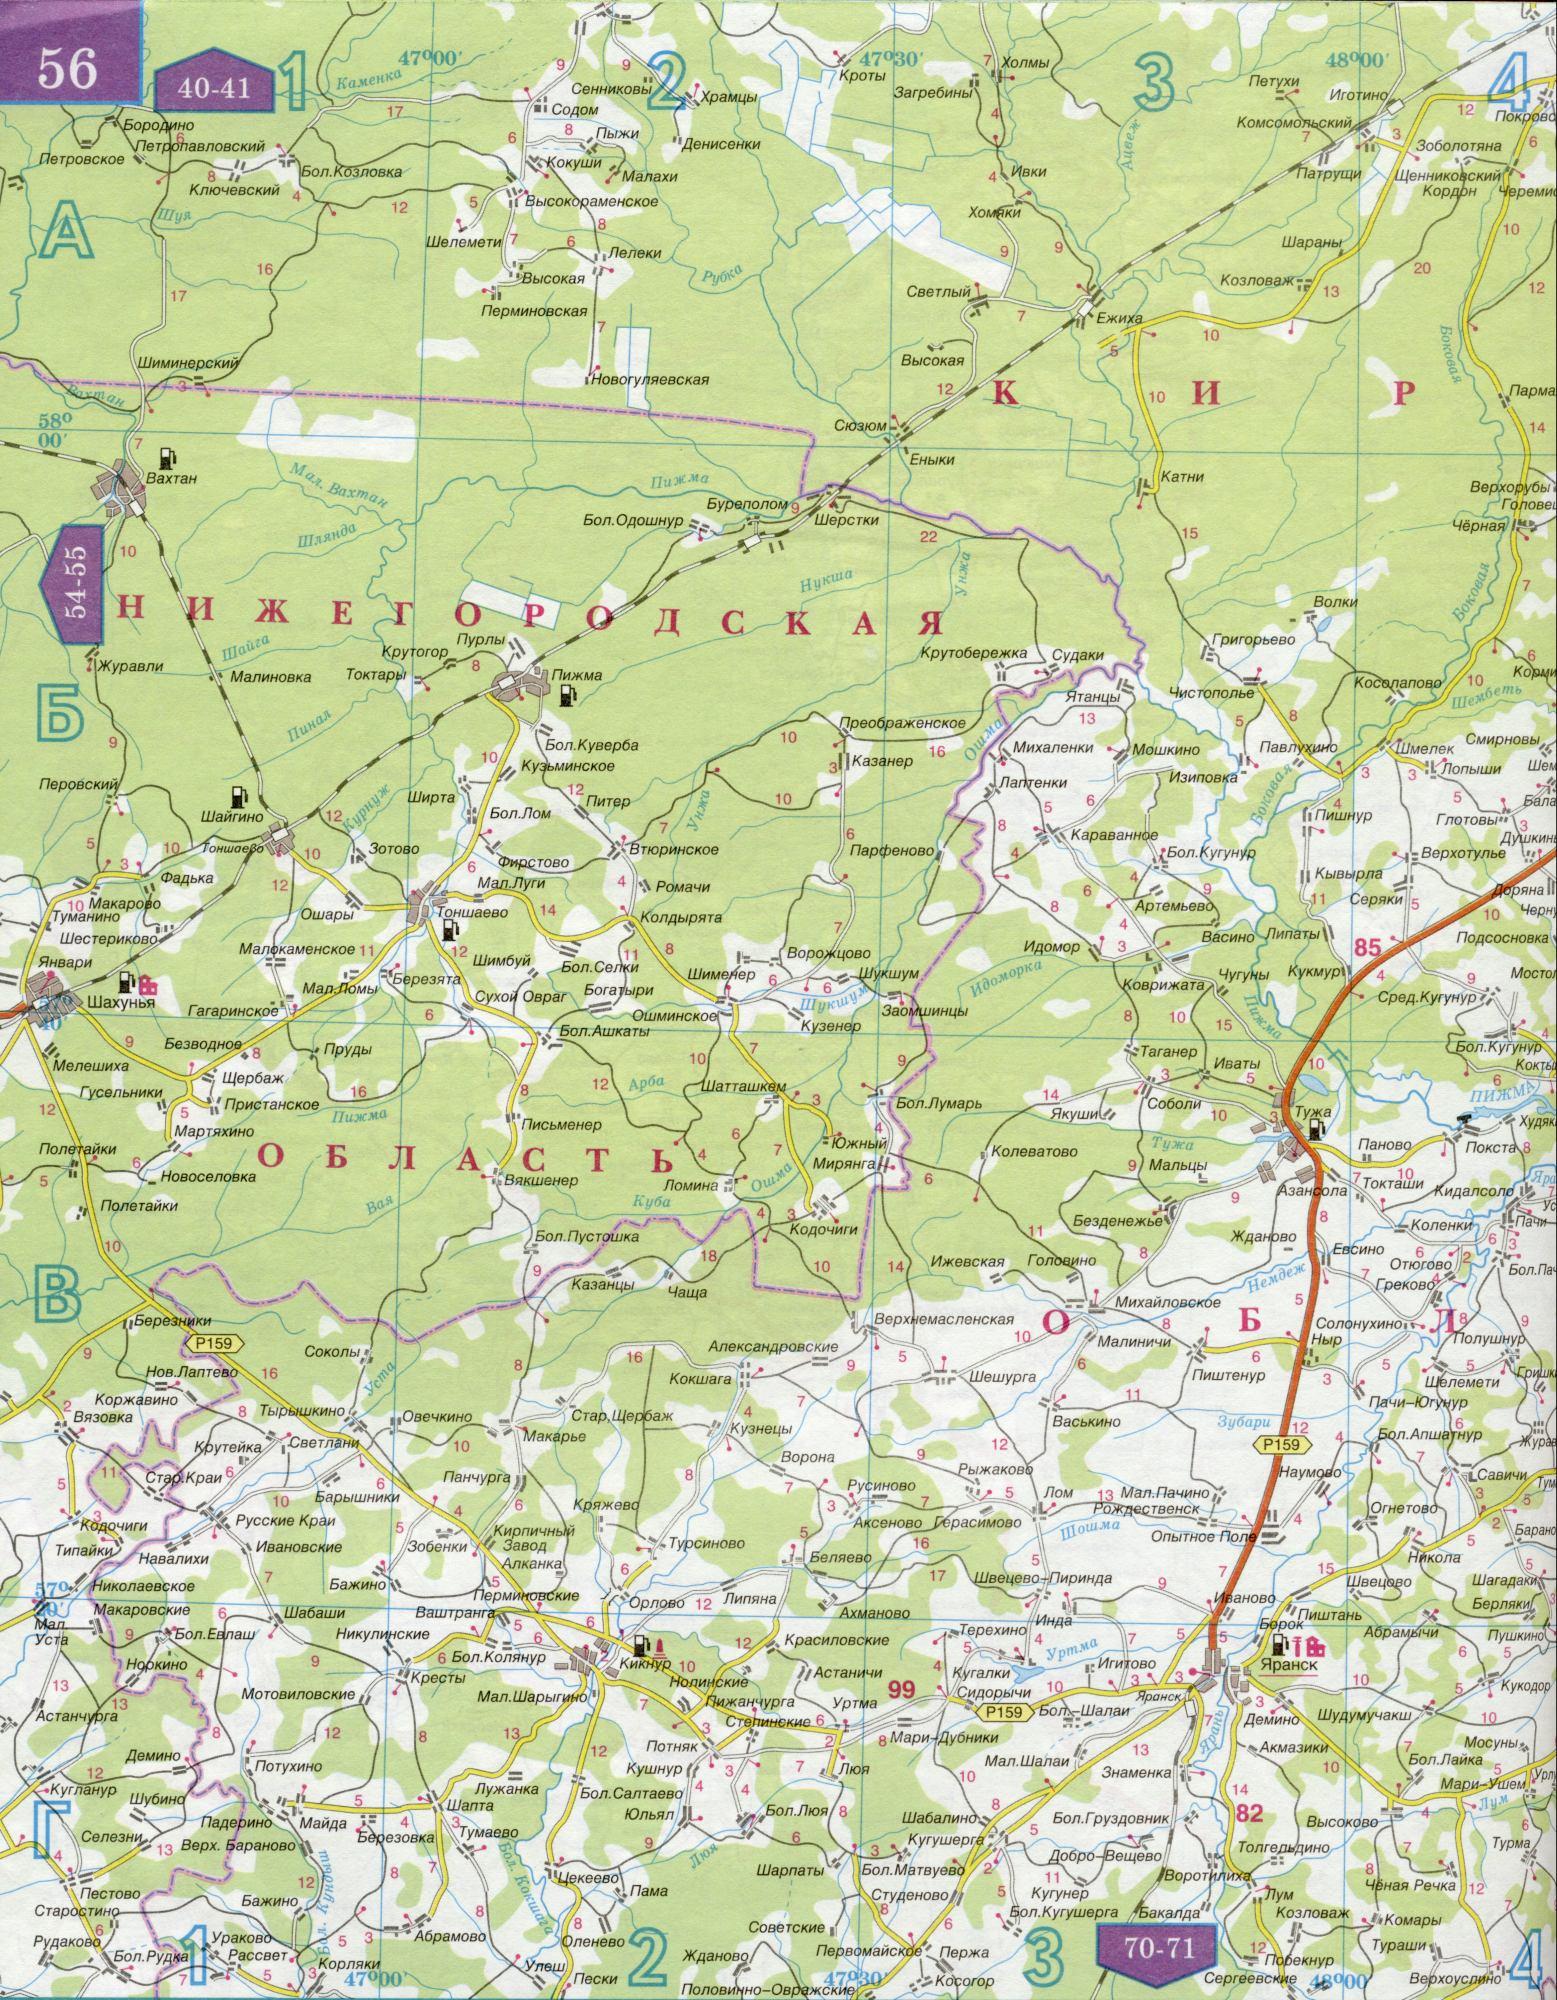 Скачать карту на прохождение в minecraft 152 - f7f9